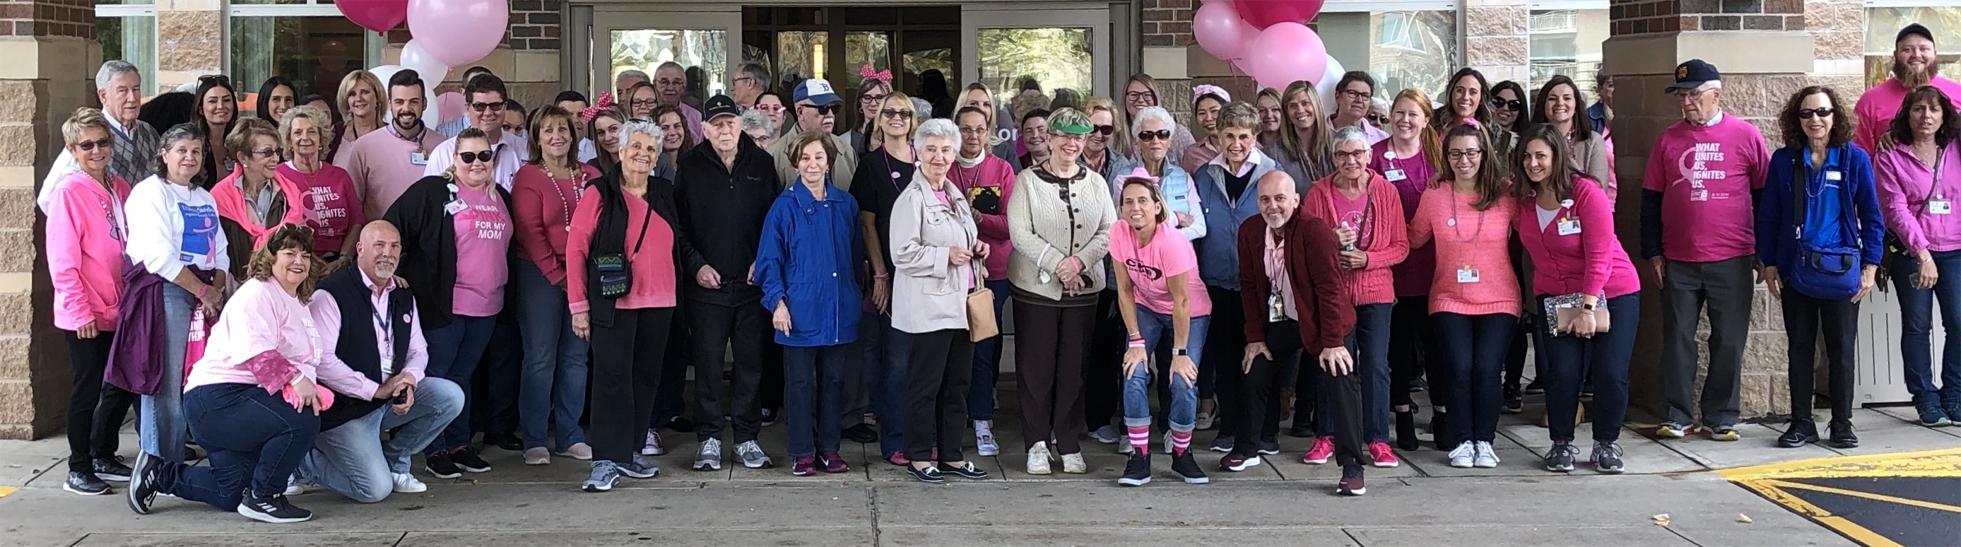 Cedar Crest Breast Cancer Awareness Walk.jpg